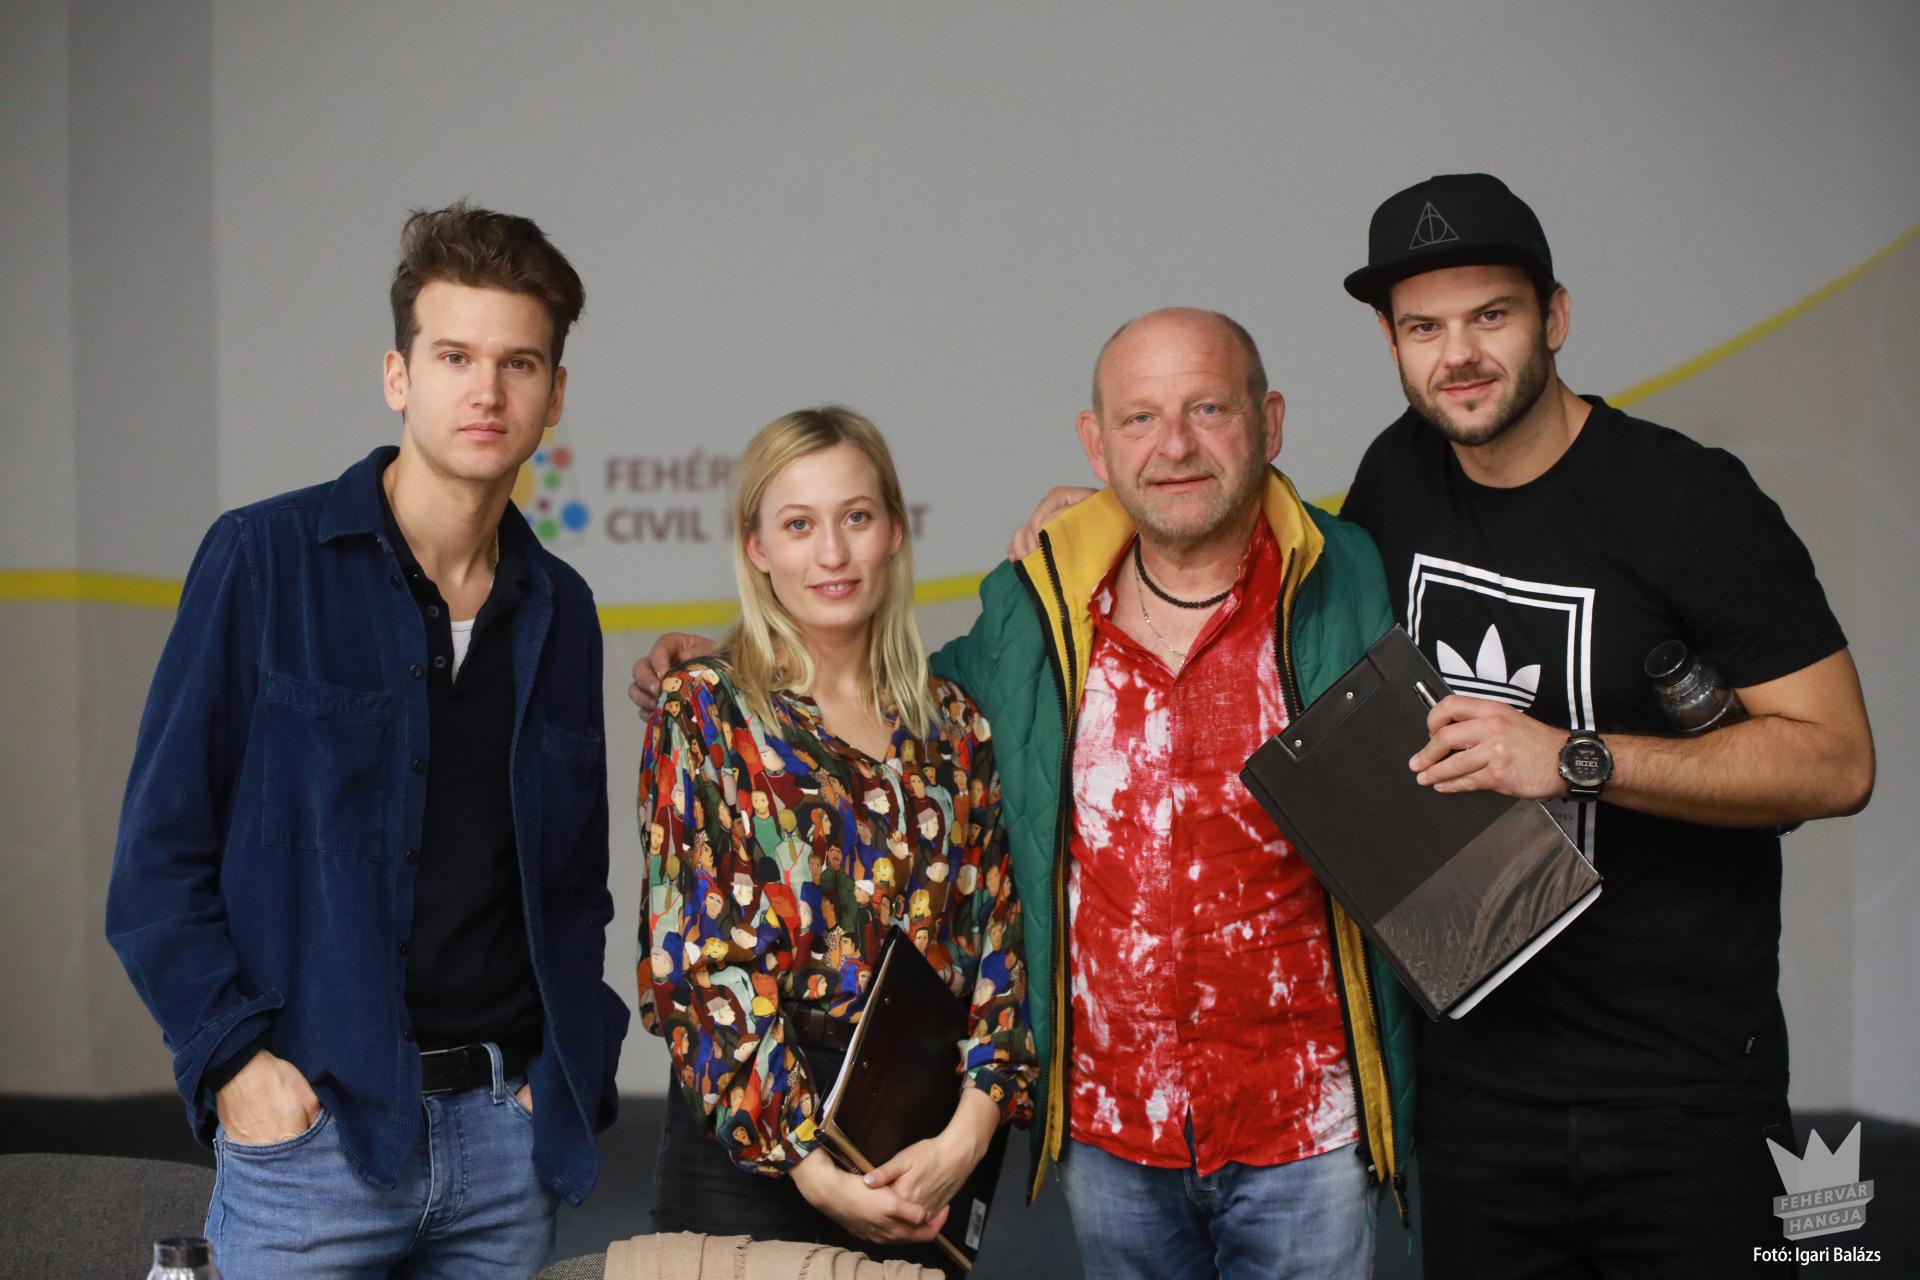 A zsűri: Jancsó Gábor, Schoblocher Barbara, Vörös Tamás és Szakács Gergő